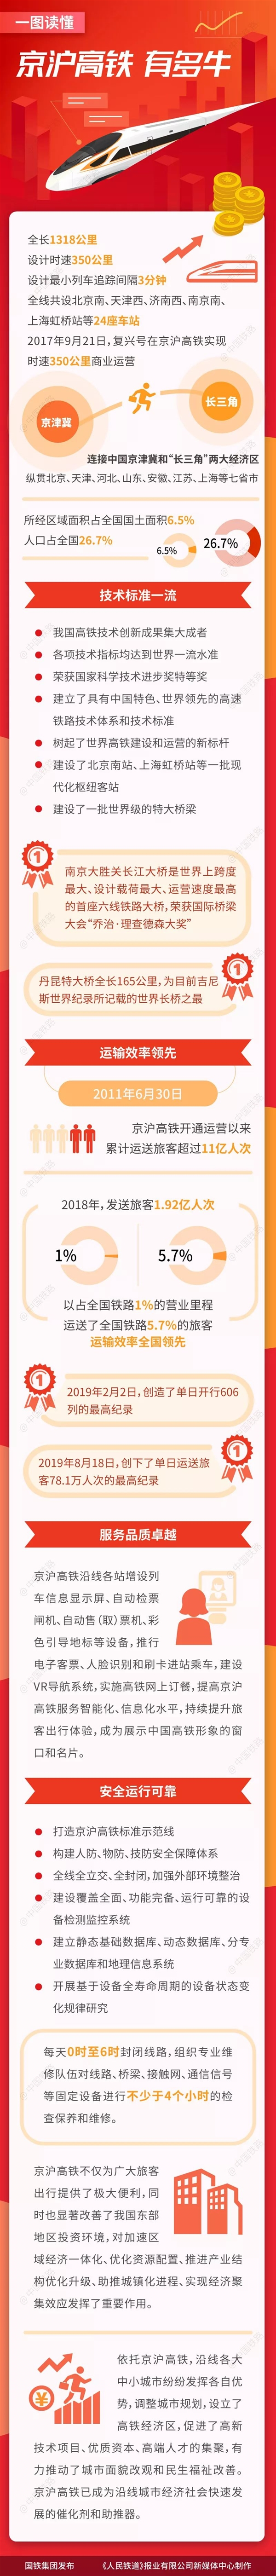 一图读懂:京沪高铁有多牛!开通至今运送旅客11亿人次